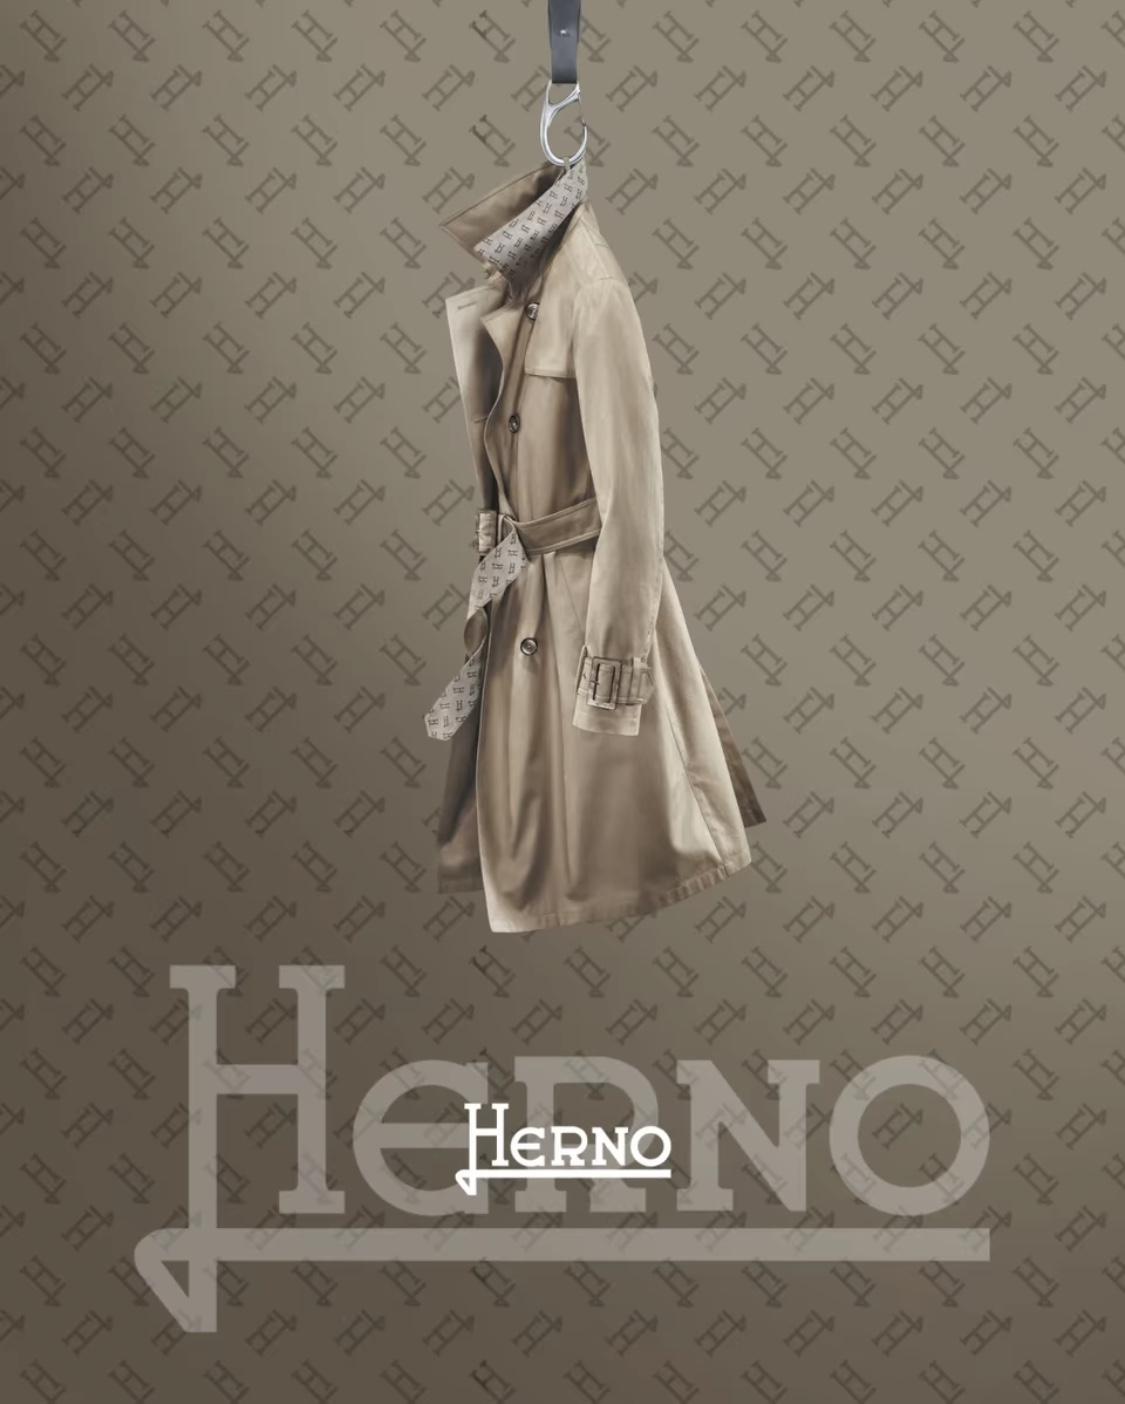 正統な紳士服を嗜むvol.56〜人気イタリアンアウターHERNOヘルノ